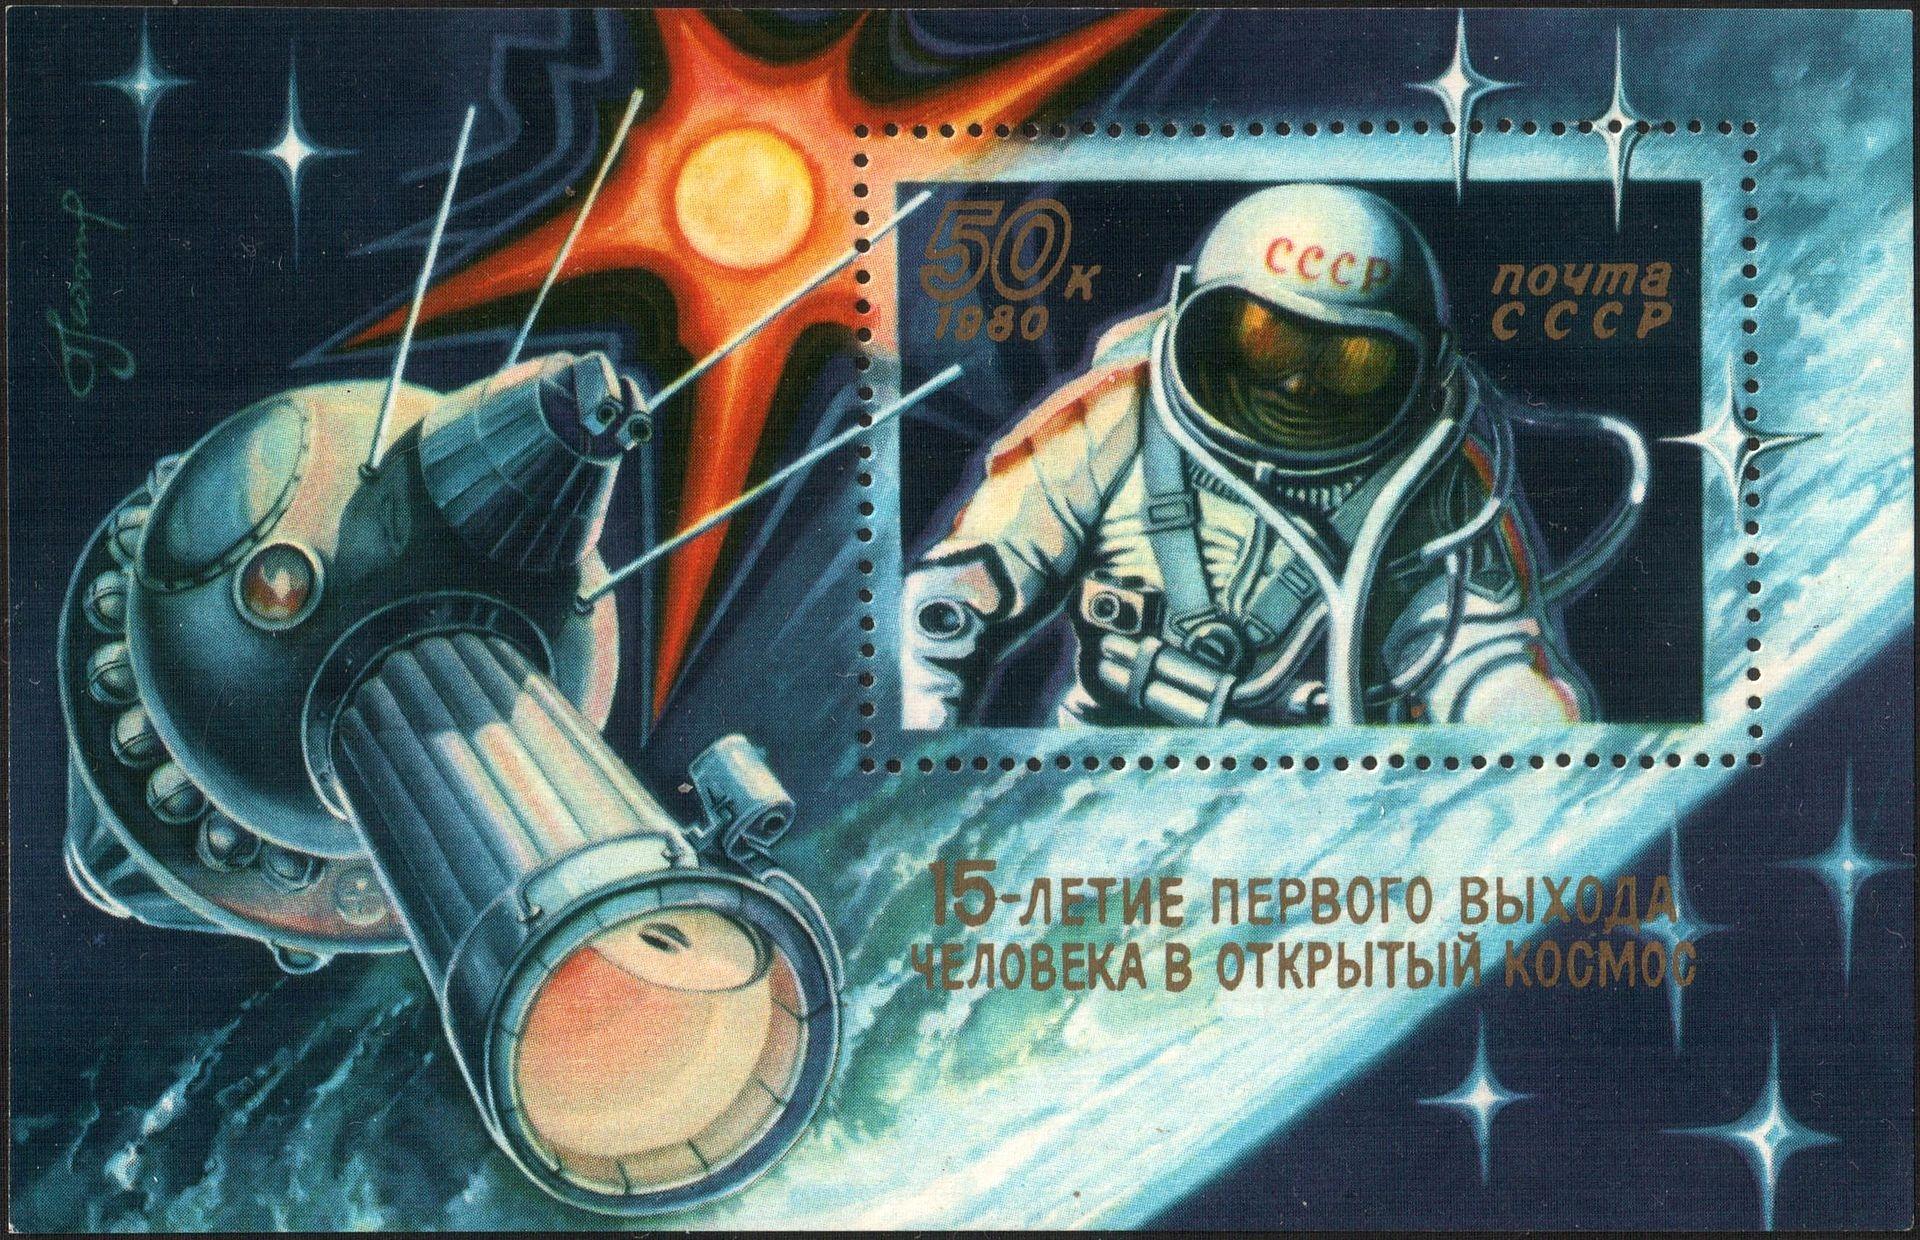 Одним из хобби Леонова было написание картин. Часть рисунков попали на подарочный почтовый блок в честь юбилея со дня выхода в открытый космос